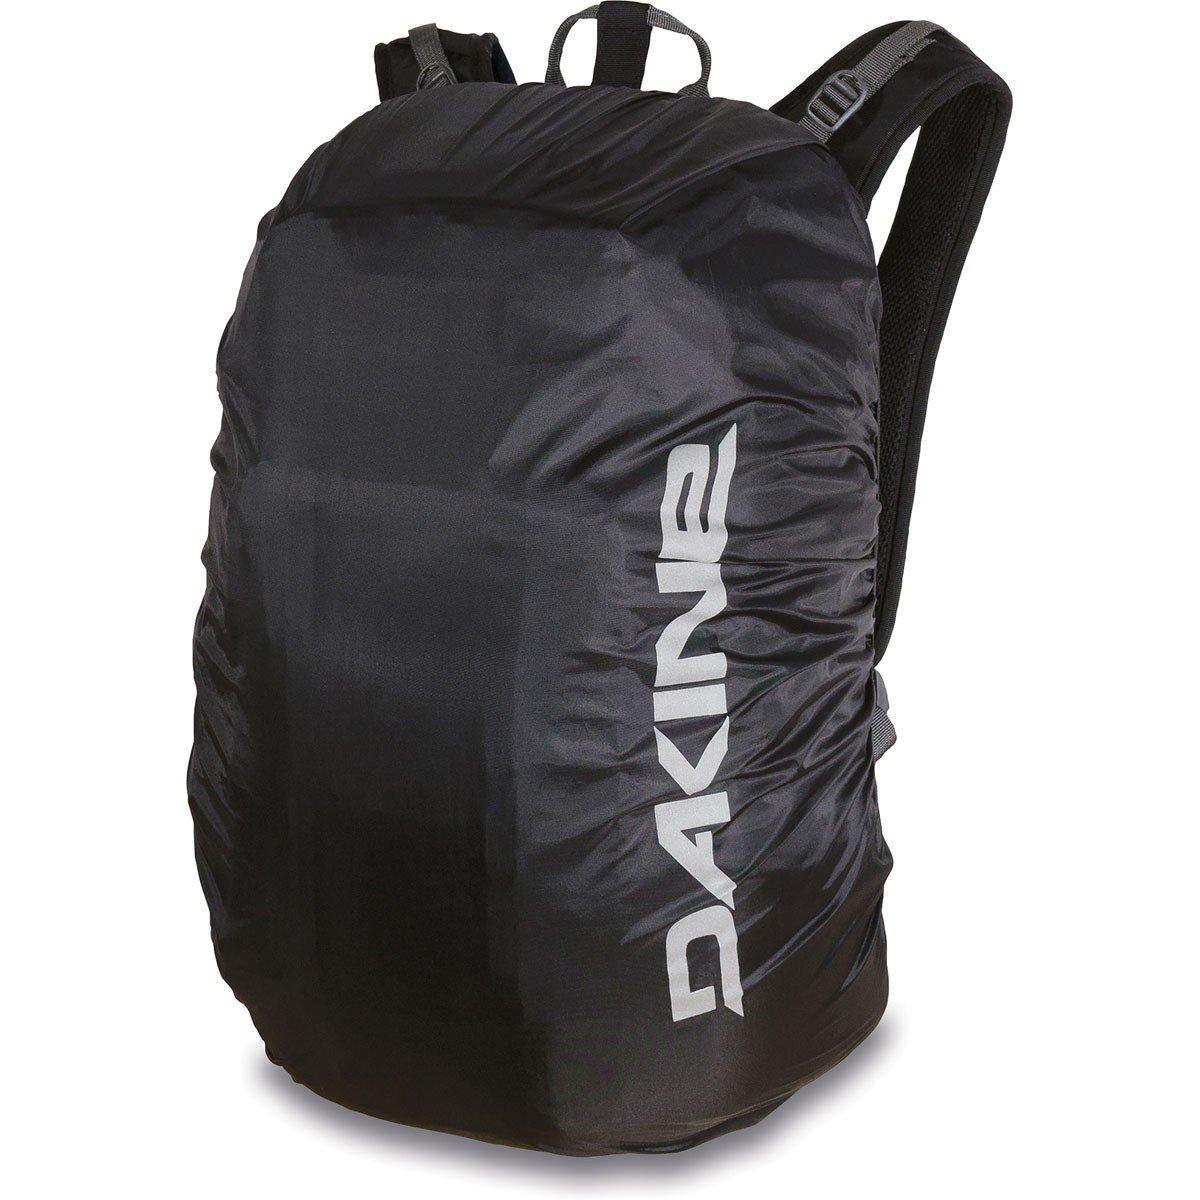 Dakine plášť na ruksak Trail pack Cover black Velikost: UNI